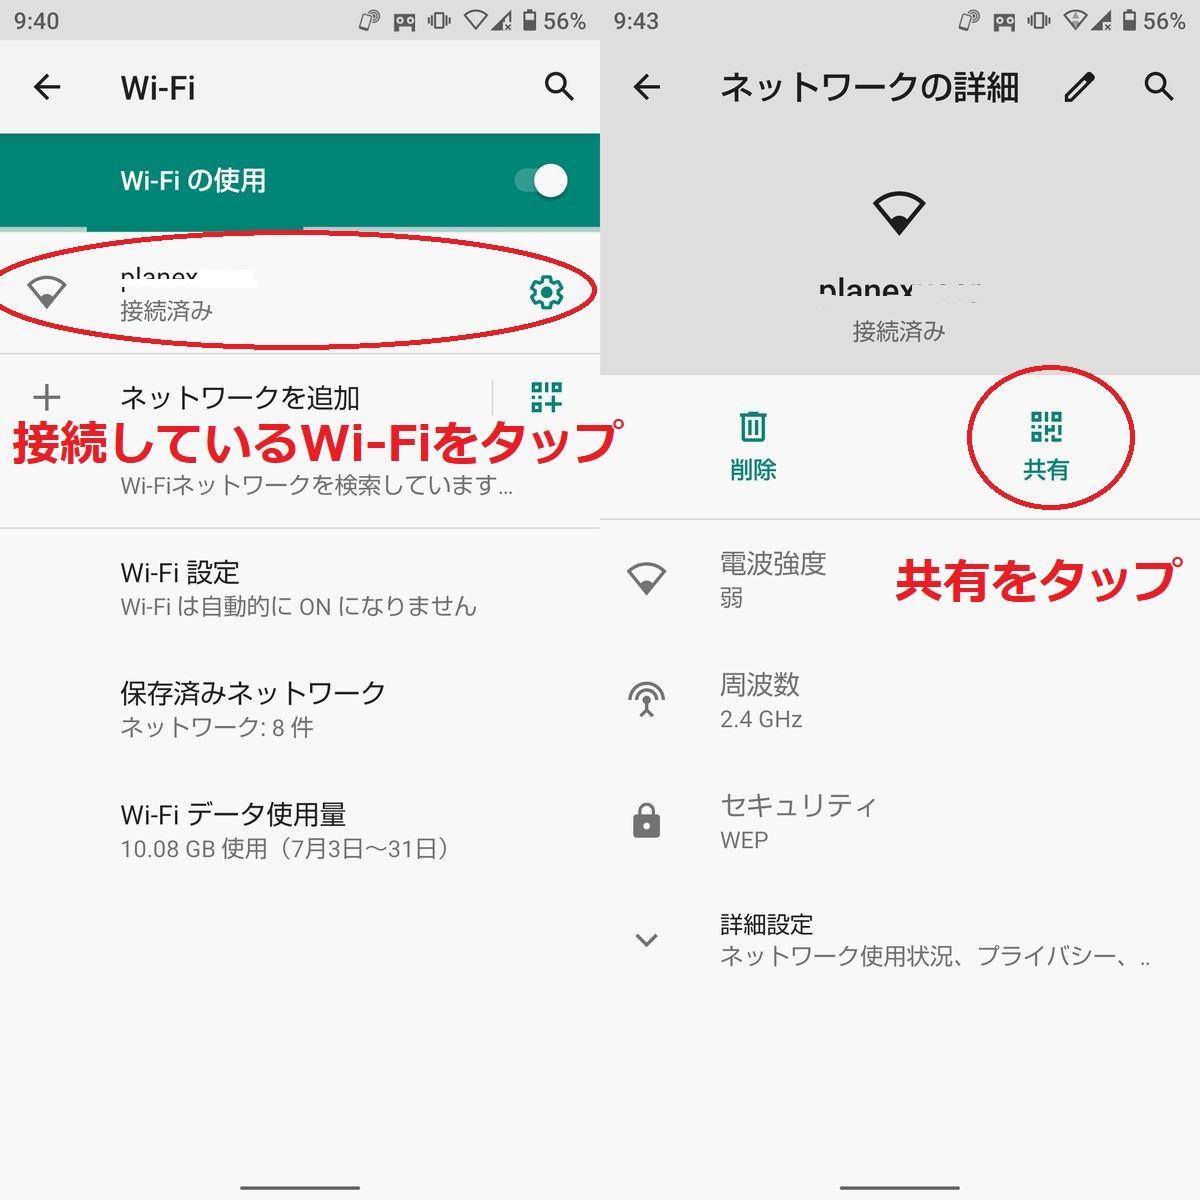 Wi-Fi設定画面からQRコードの表示